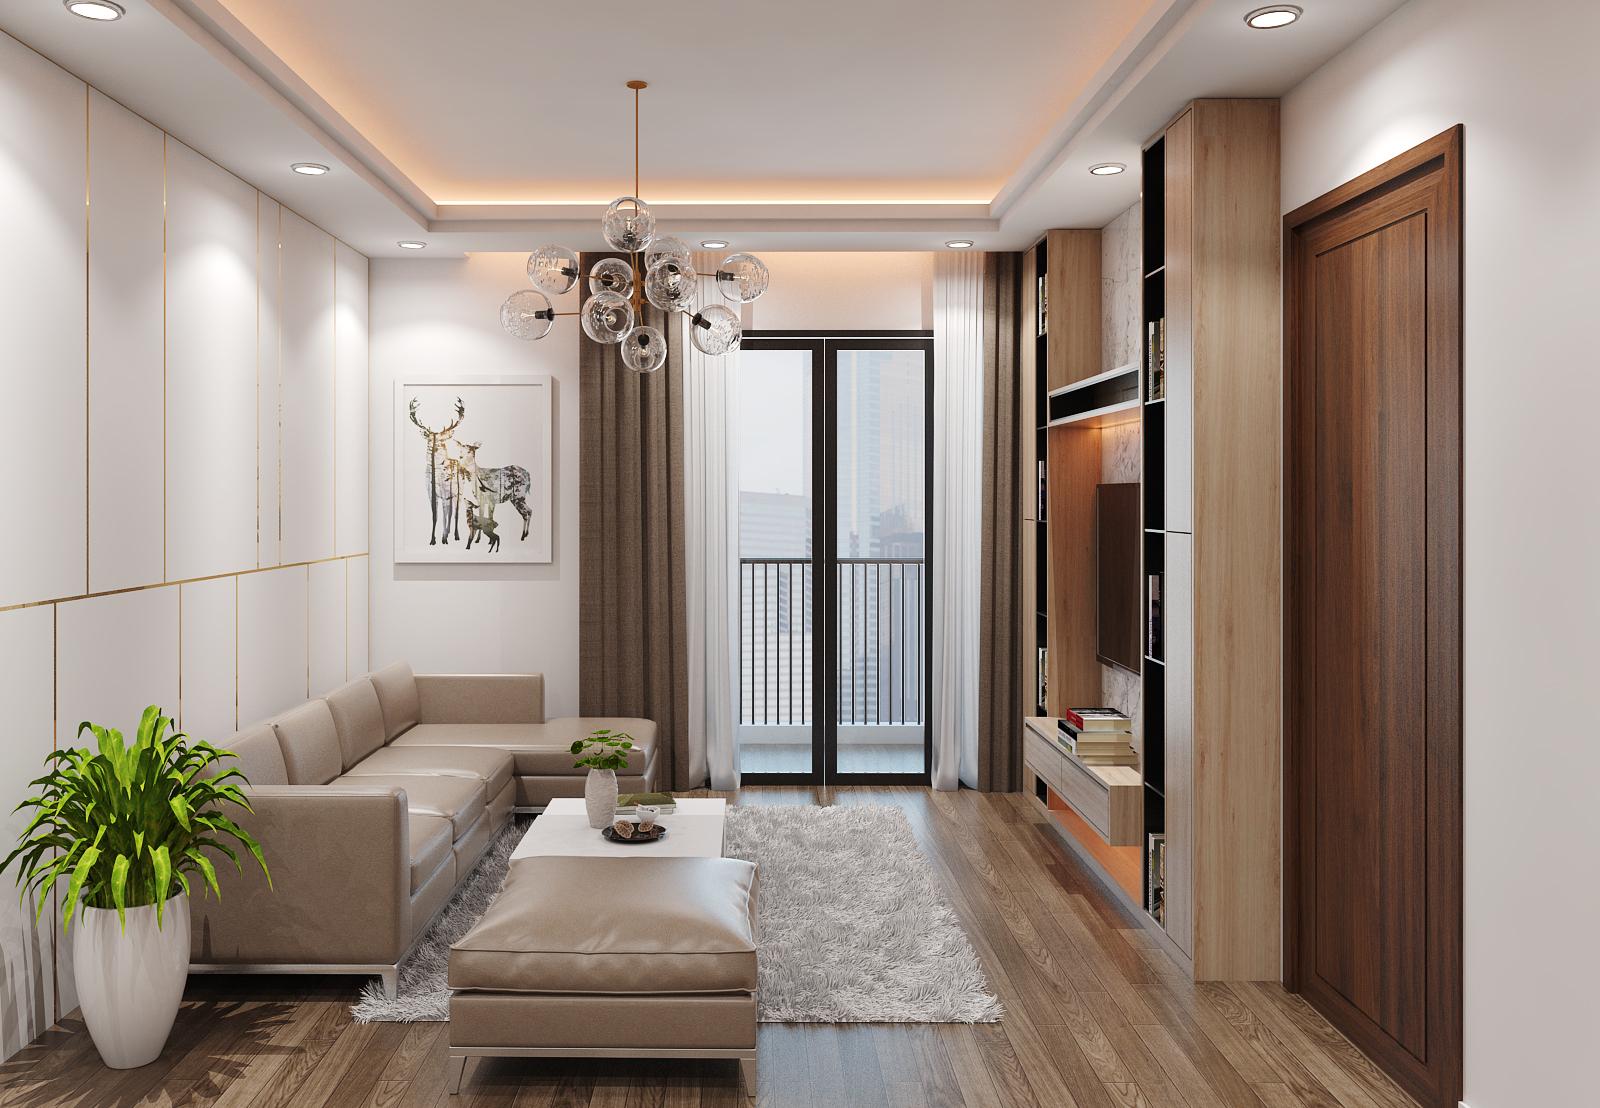 Muốn xác định hướng cửa chính của ngôi nhà, gia chủ cần quan tâm đến hướng di chuyển của luồng khí